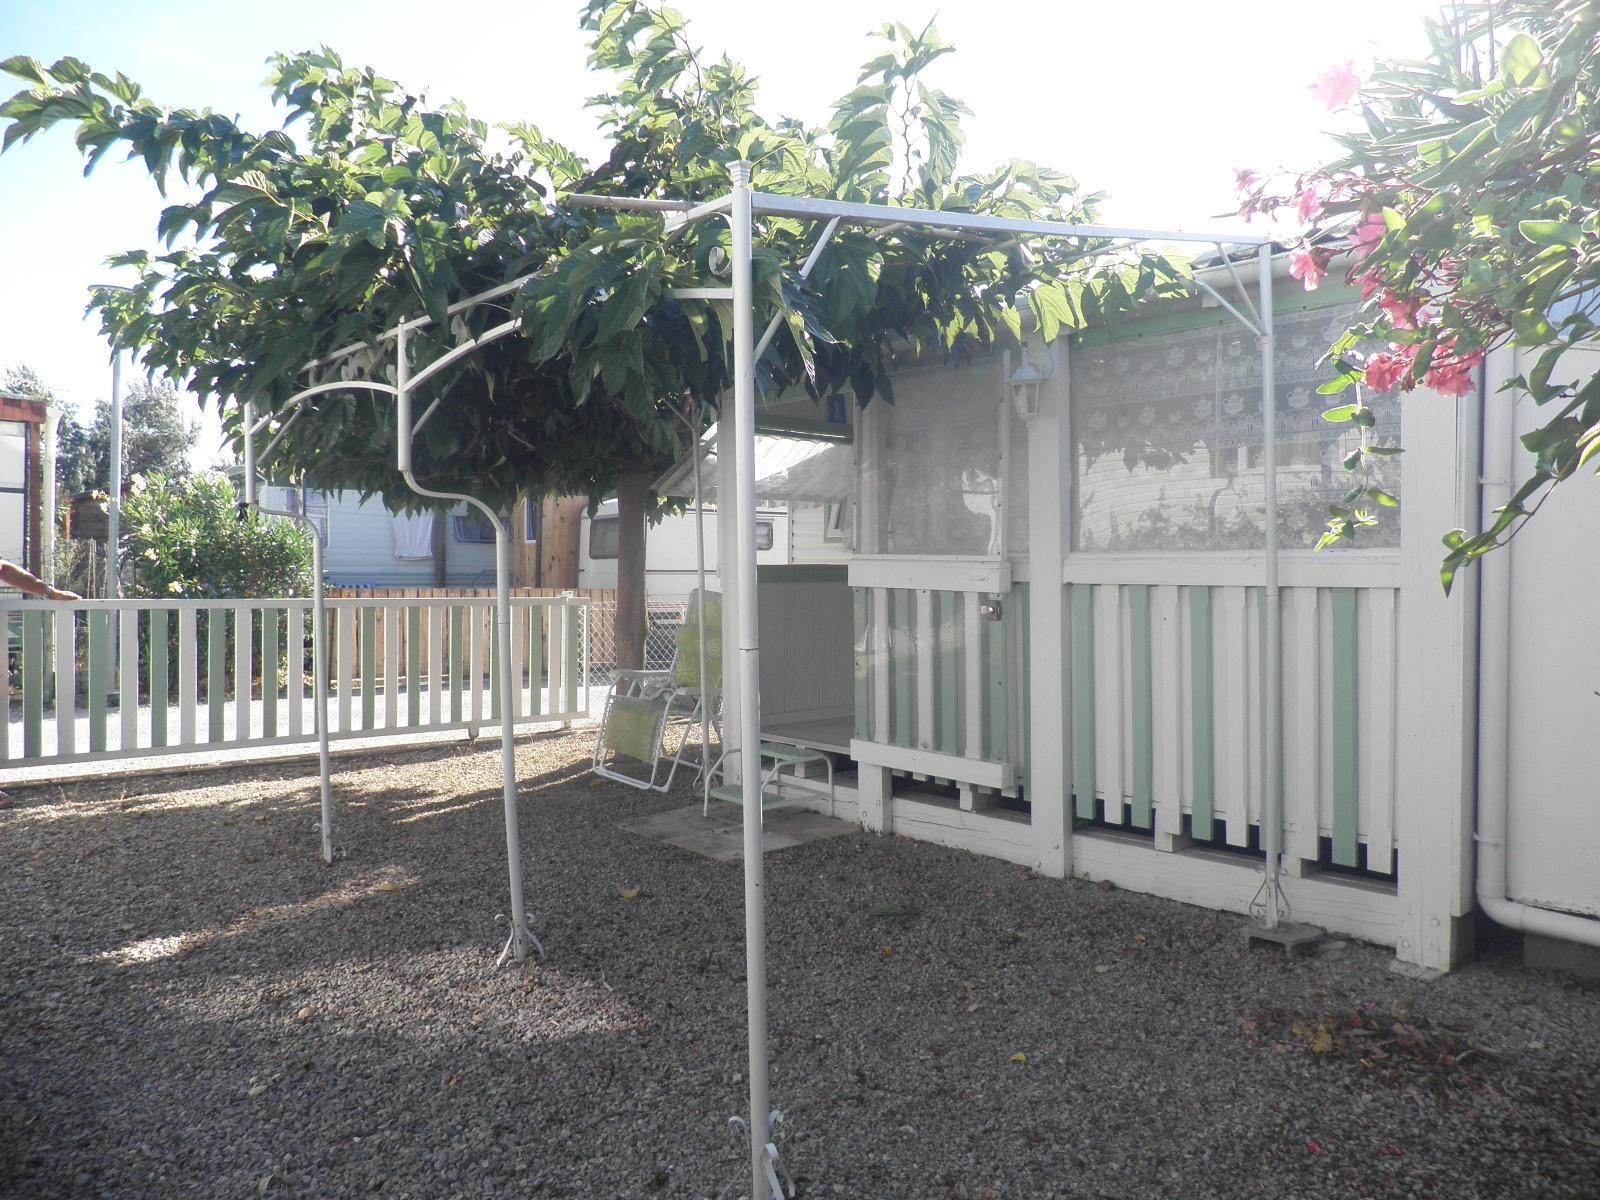 Vente sigean vendre mobil home quip avec jardin - Mobil home dans son jardin ...